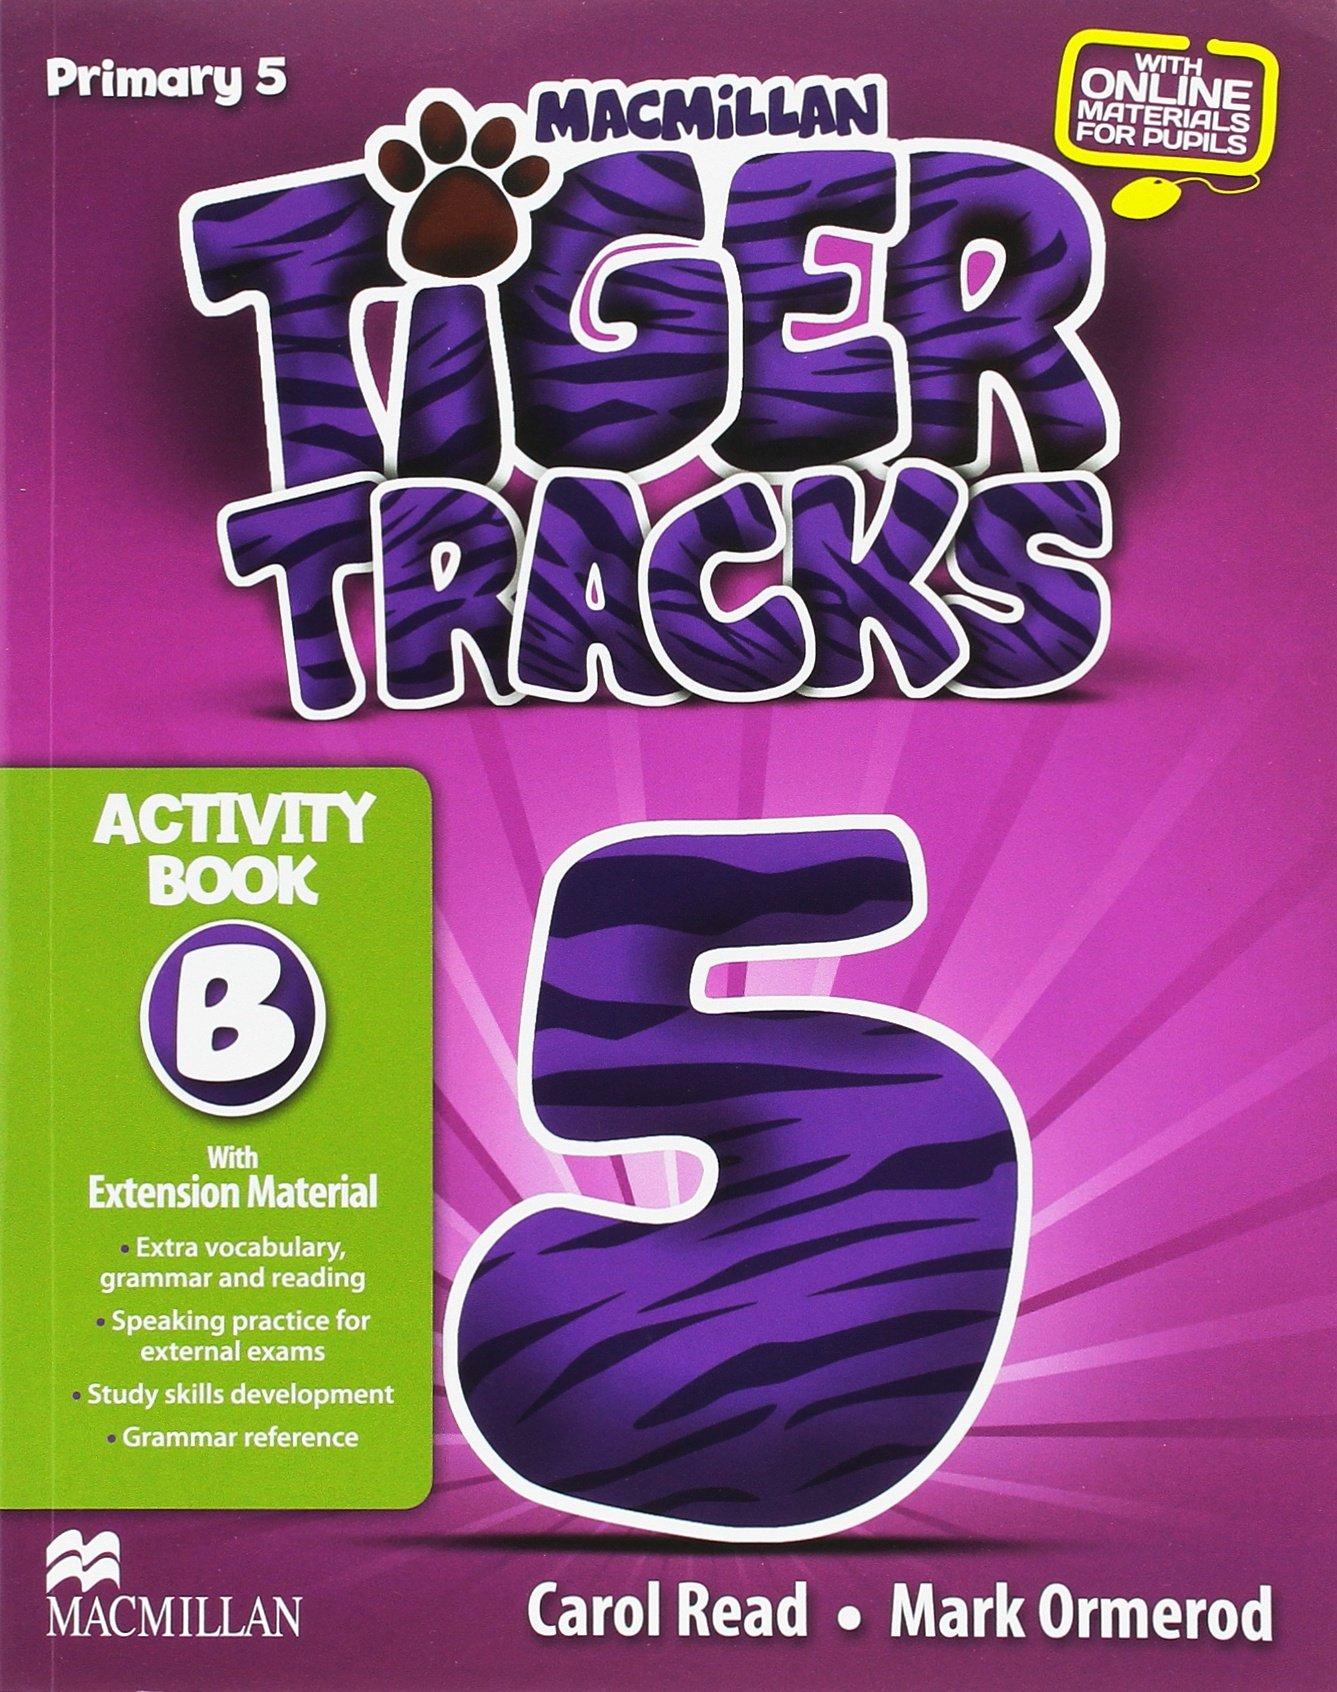 TIGER 5 Ab B: Amazon.es: Carol Read, Mark. Ormerod: Libros